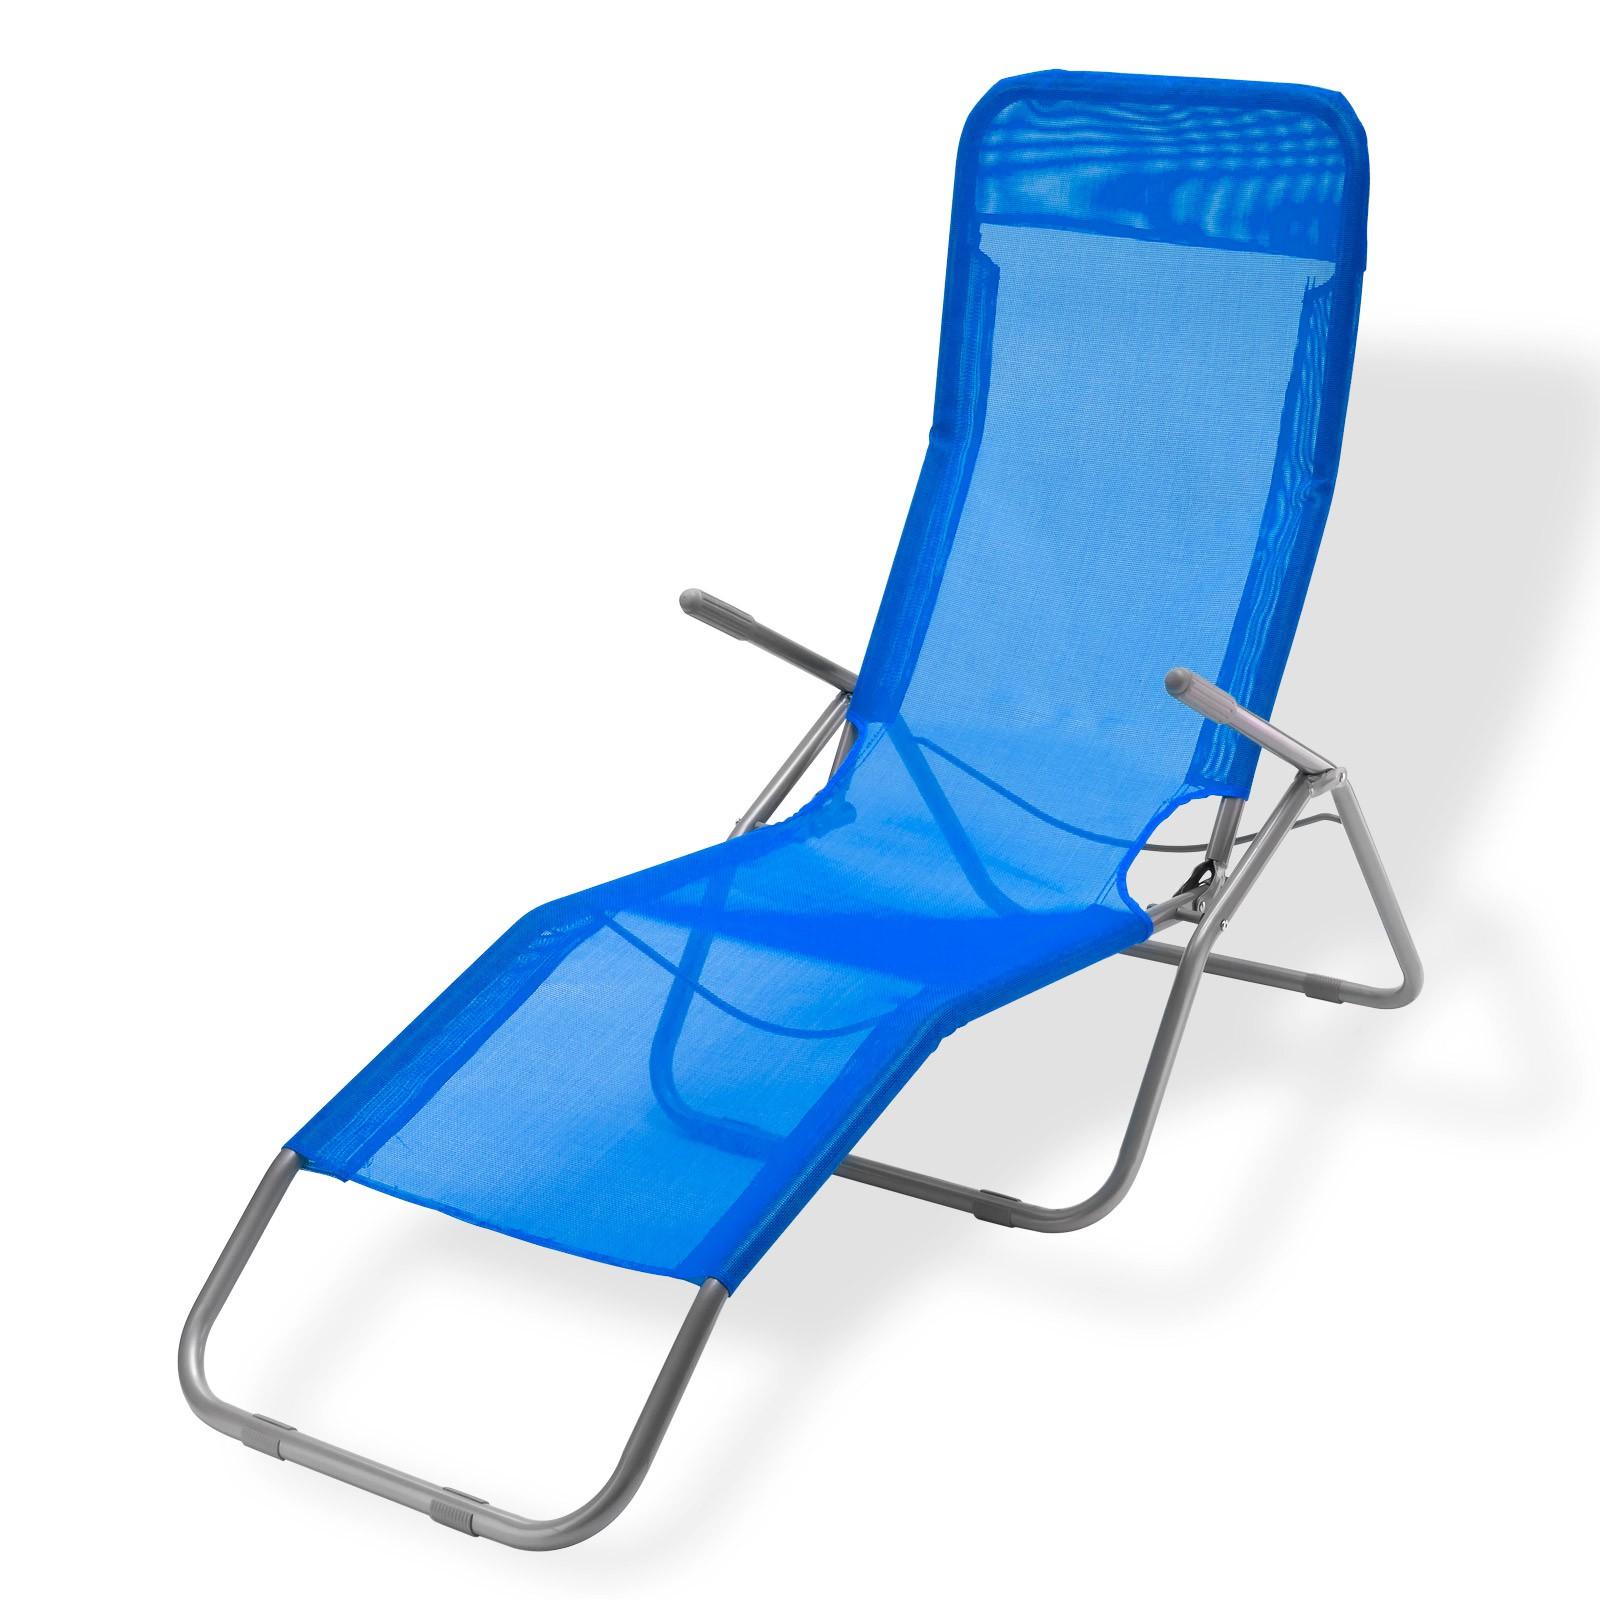 Dema Sonnenliege / Gartenliege Virginia Beach blau Relaxliege 94067